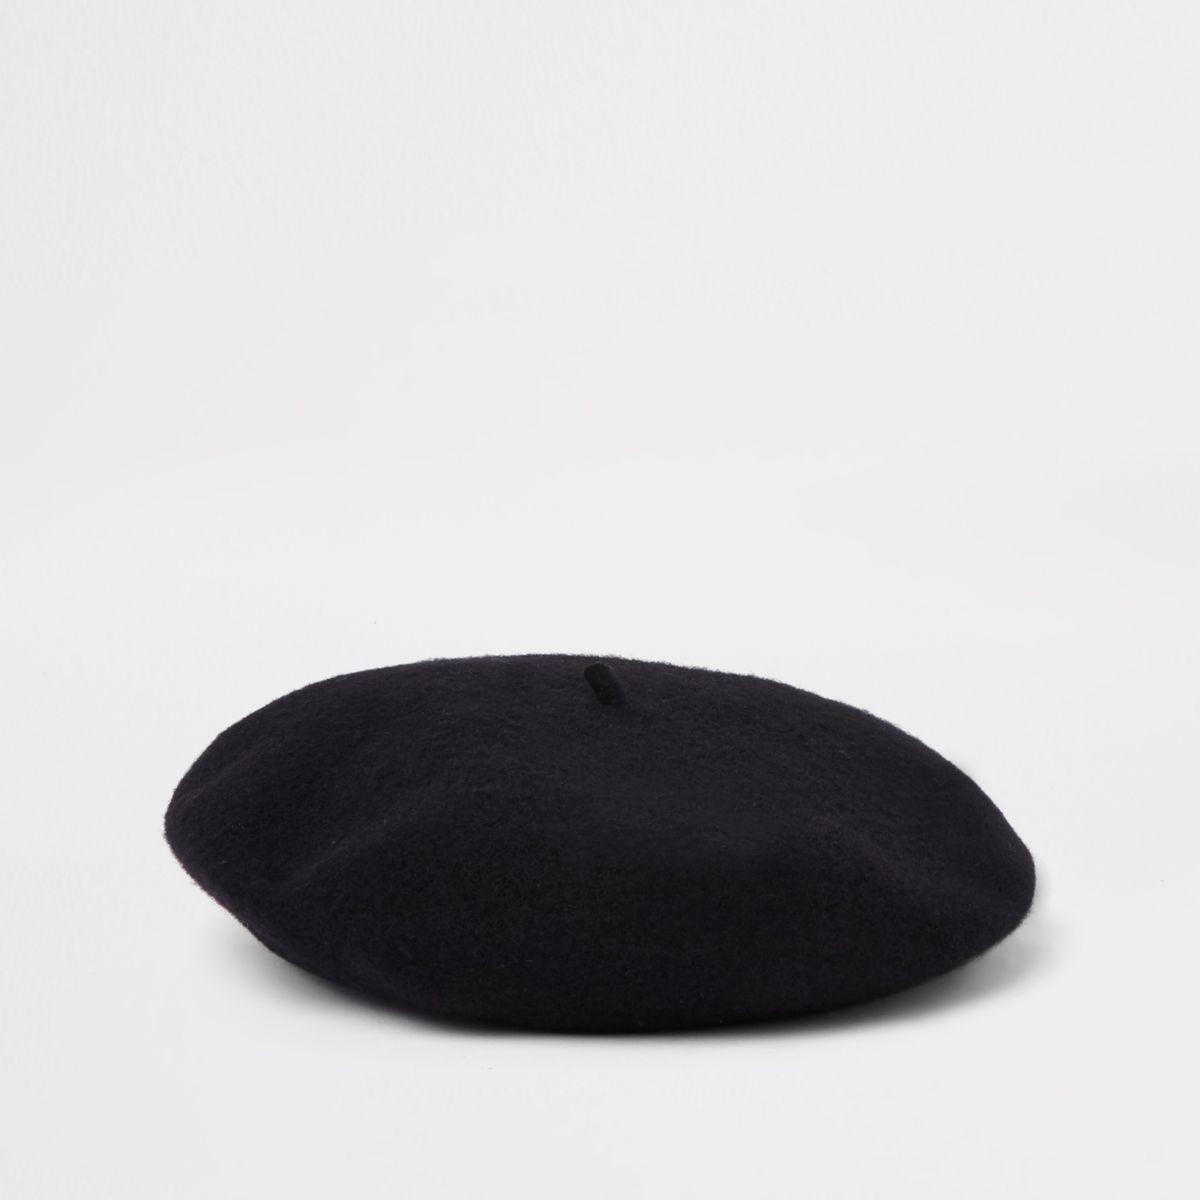 Schwarze Baskenmütze